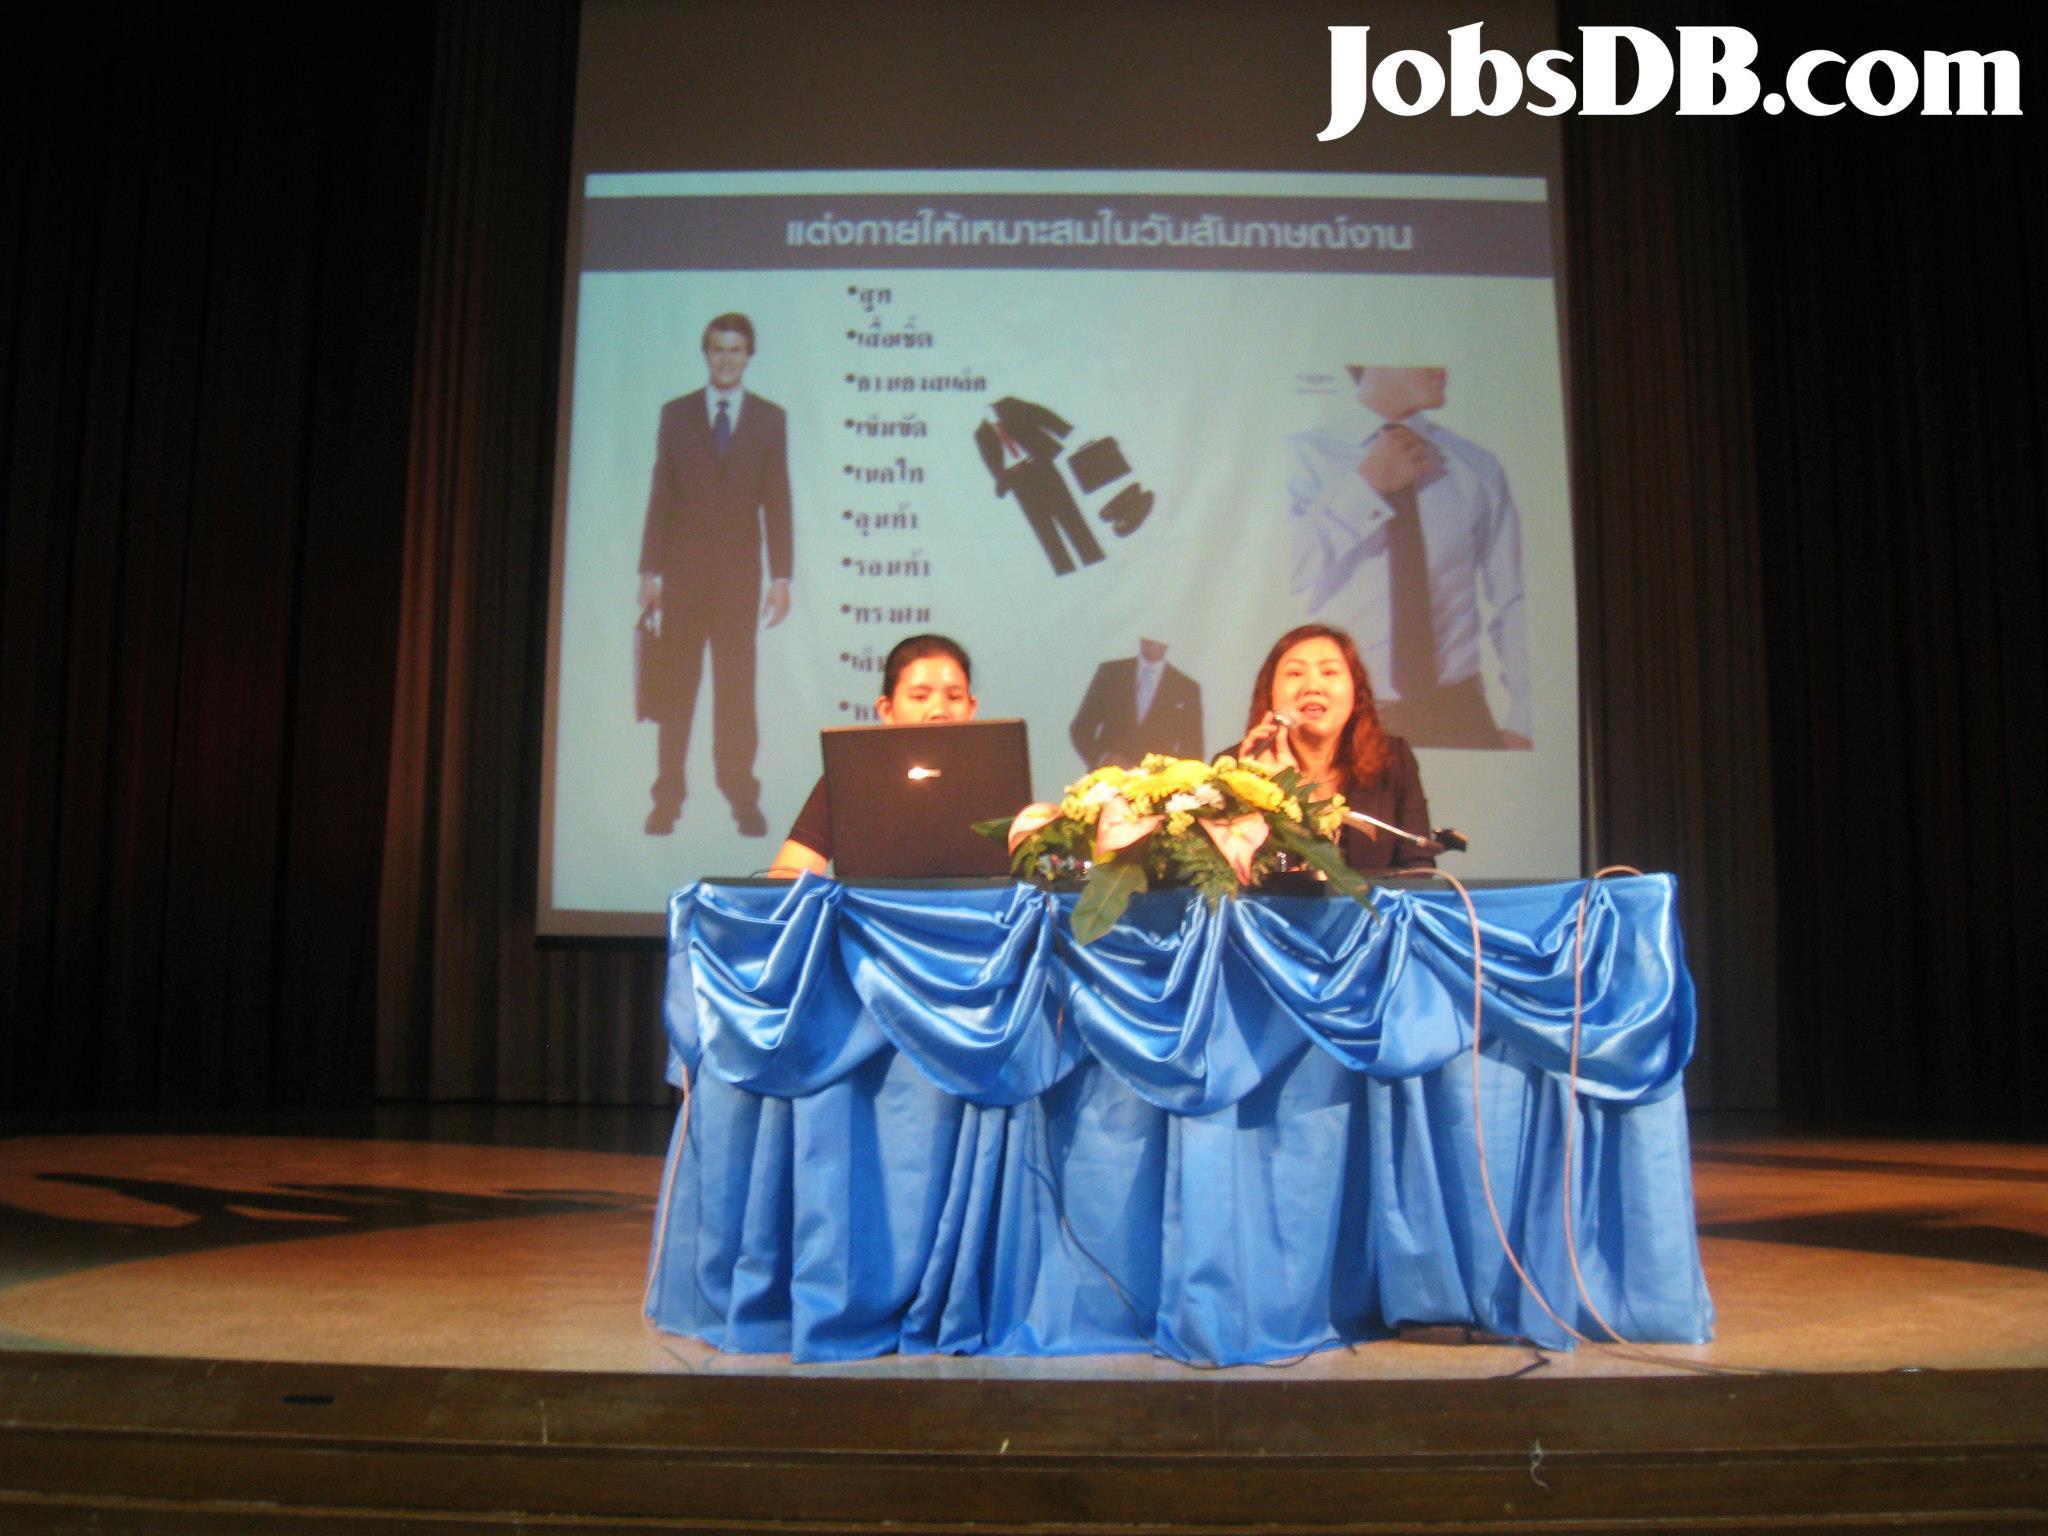 แนะแนวการหางาน